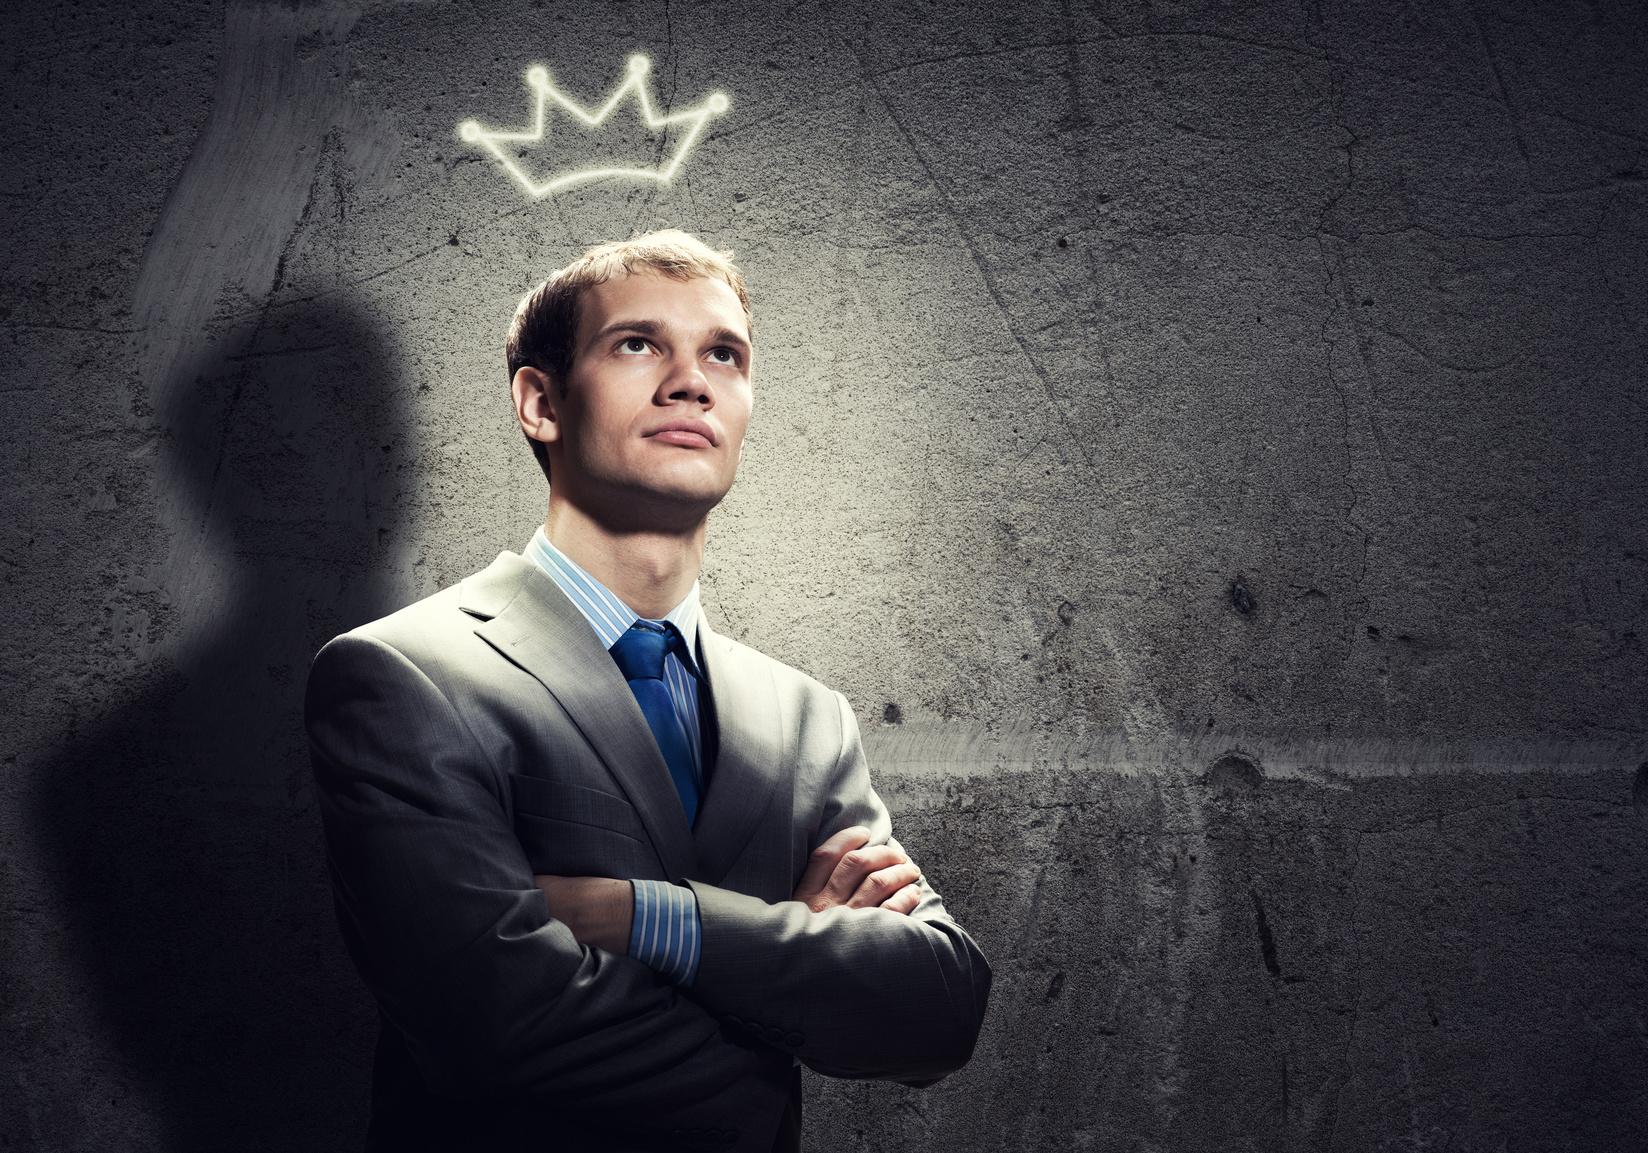 Высокая самооценка позволяет добиваться успеха во всех сферах жизни